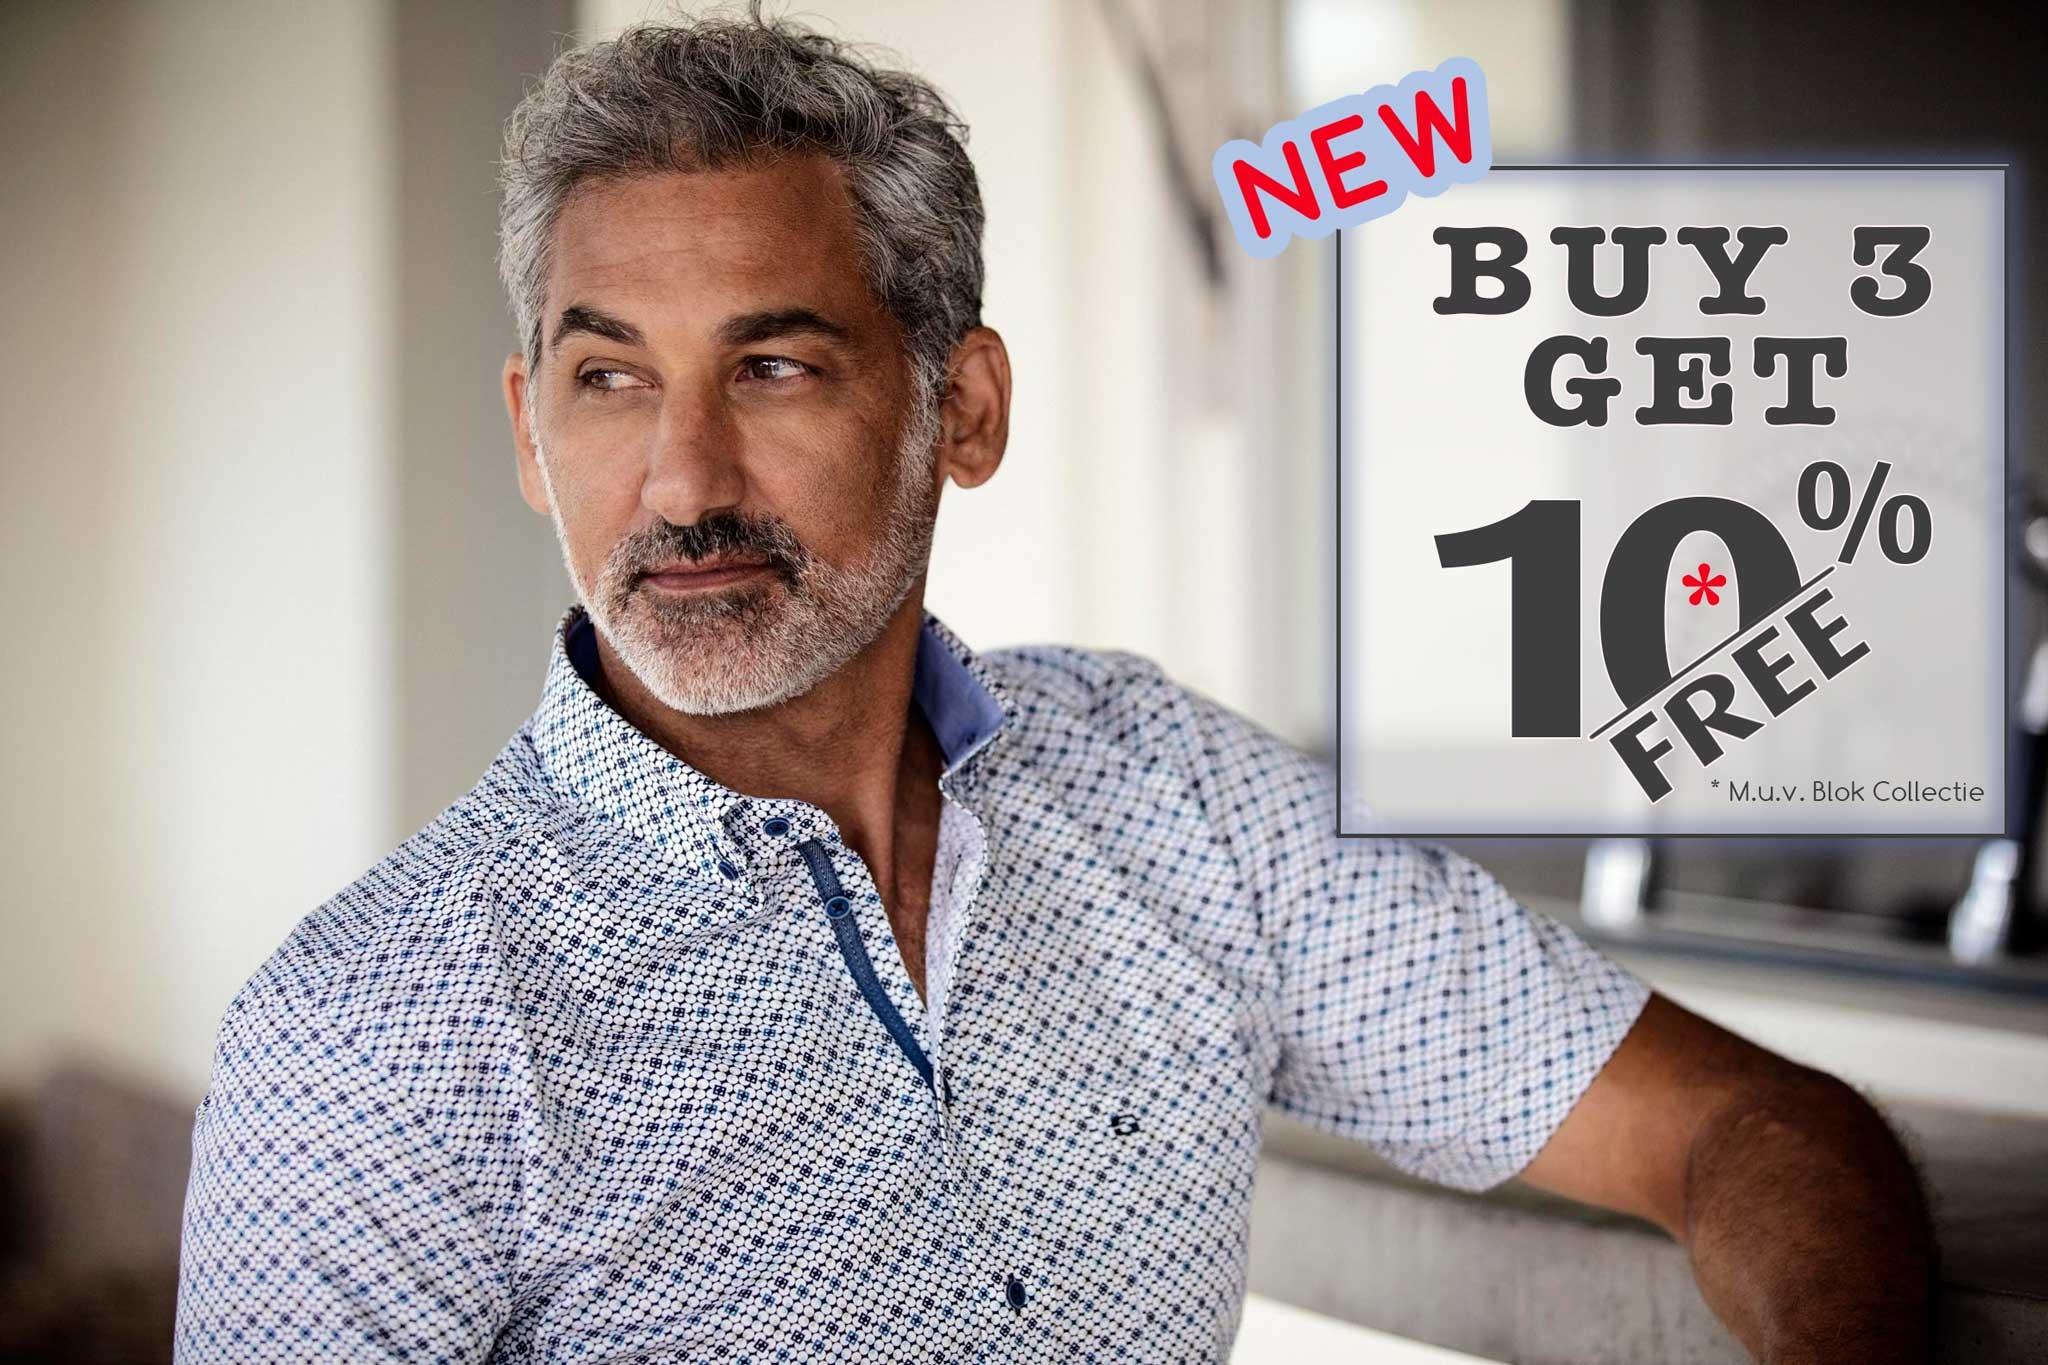 Giordano Regular Fit korte mouw overhemden voorjaar zomer 2021